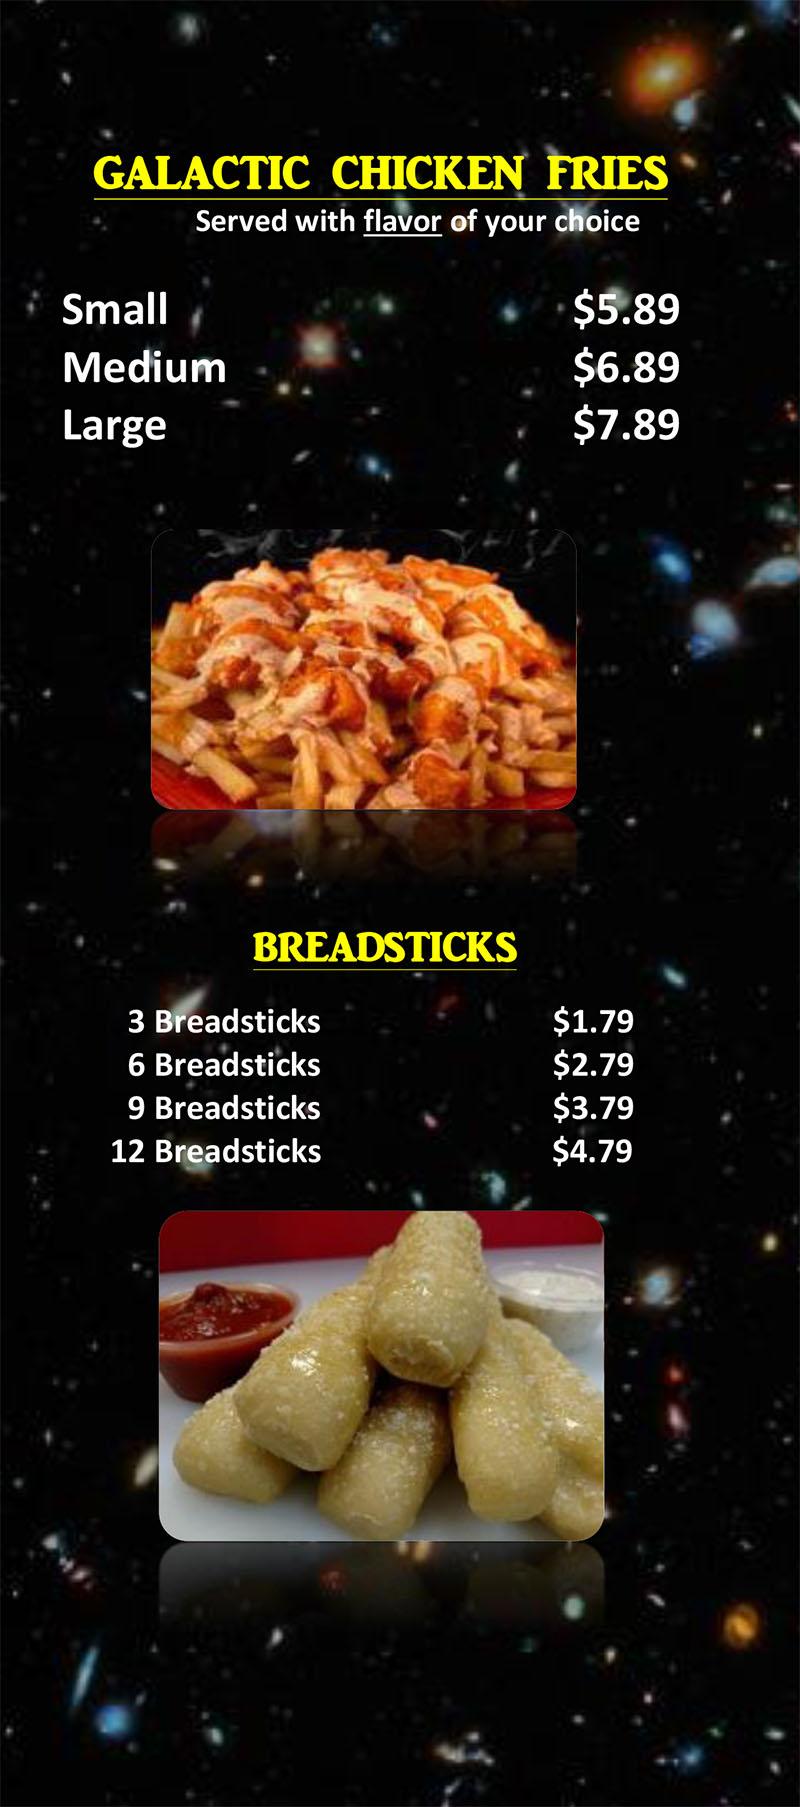 Stellar Wings menu - galactic chicken fries, breadsticks